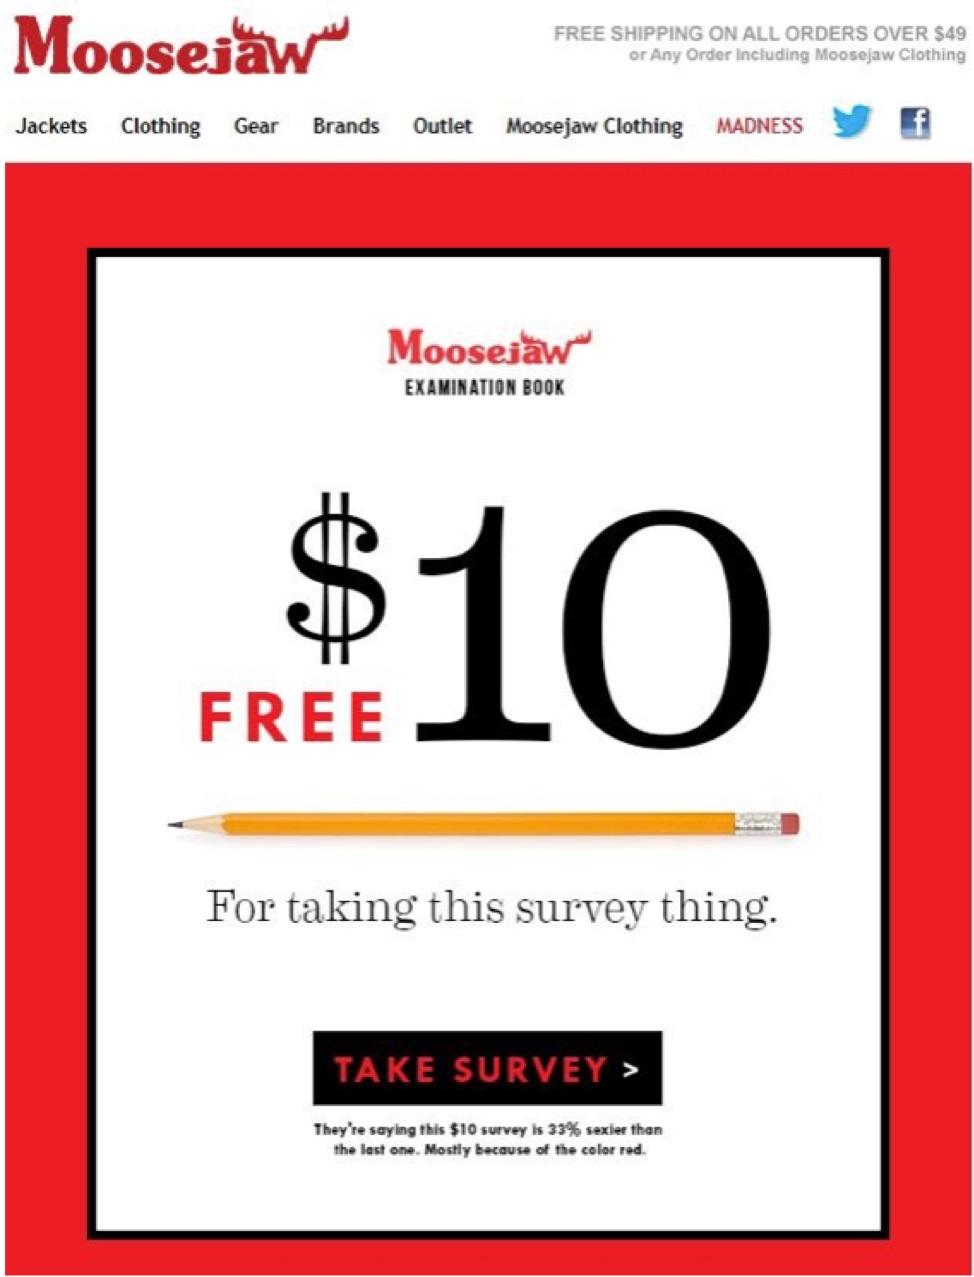 MooseJaw Customer Feedback